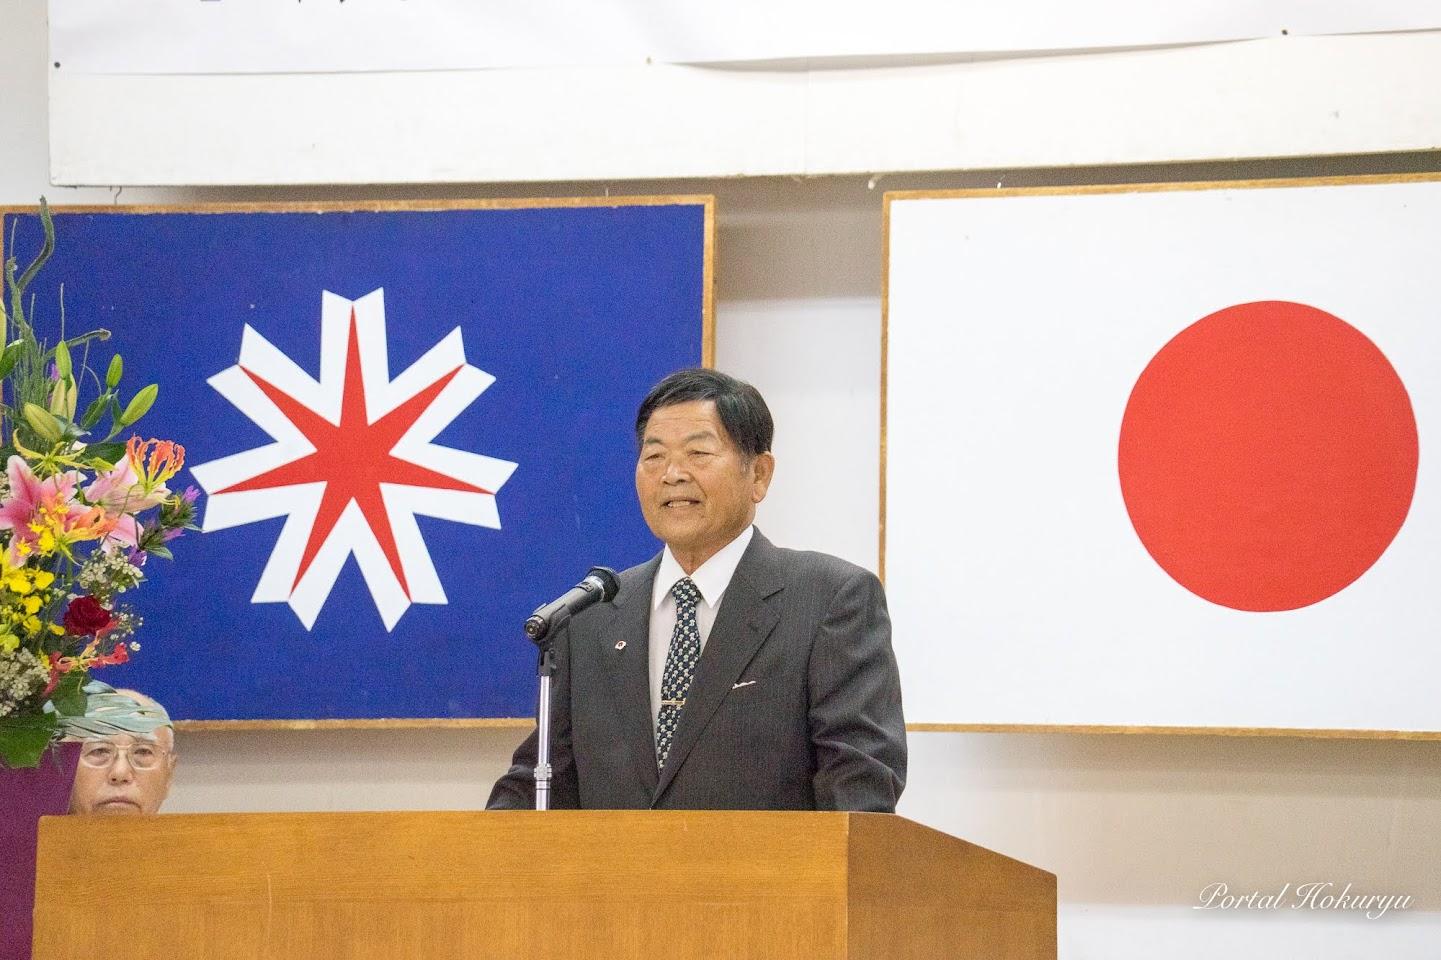 空知地区老人クラブ連合・小林一晃 副会長